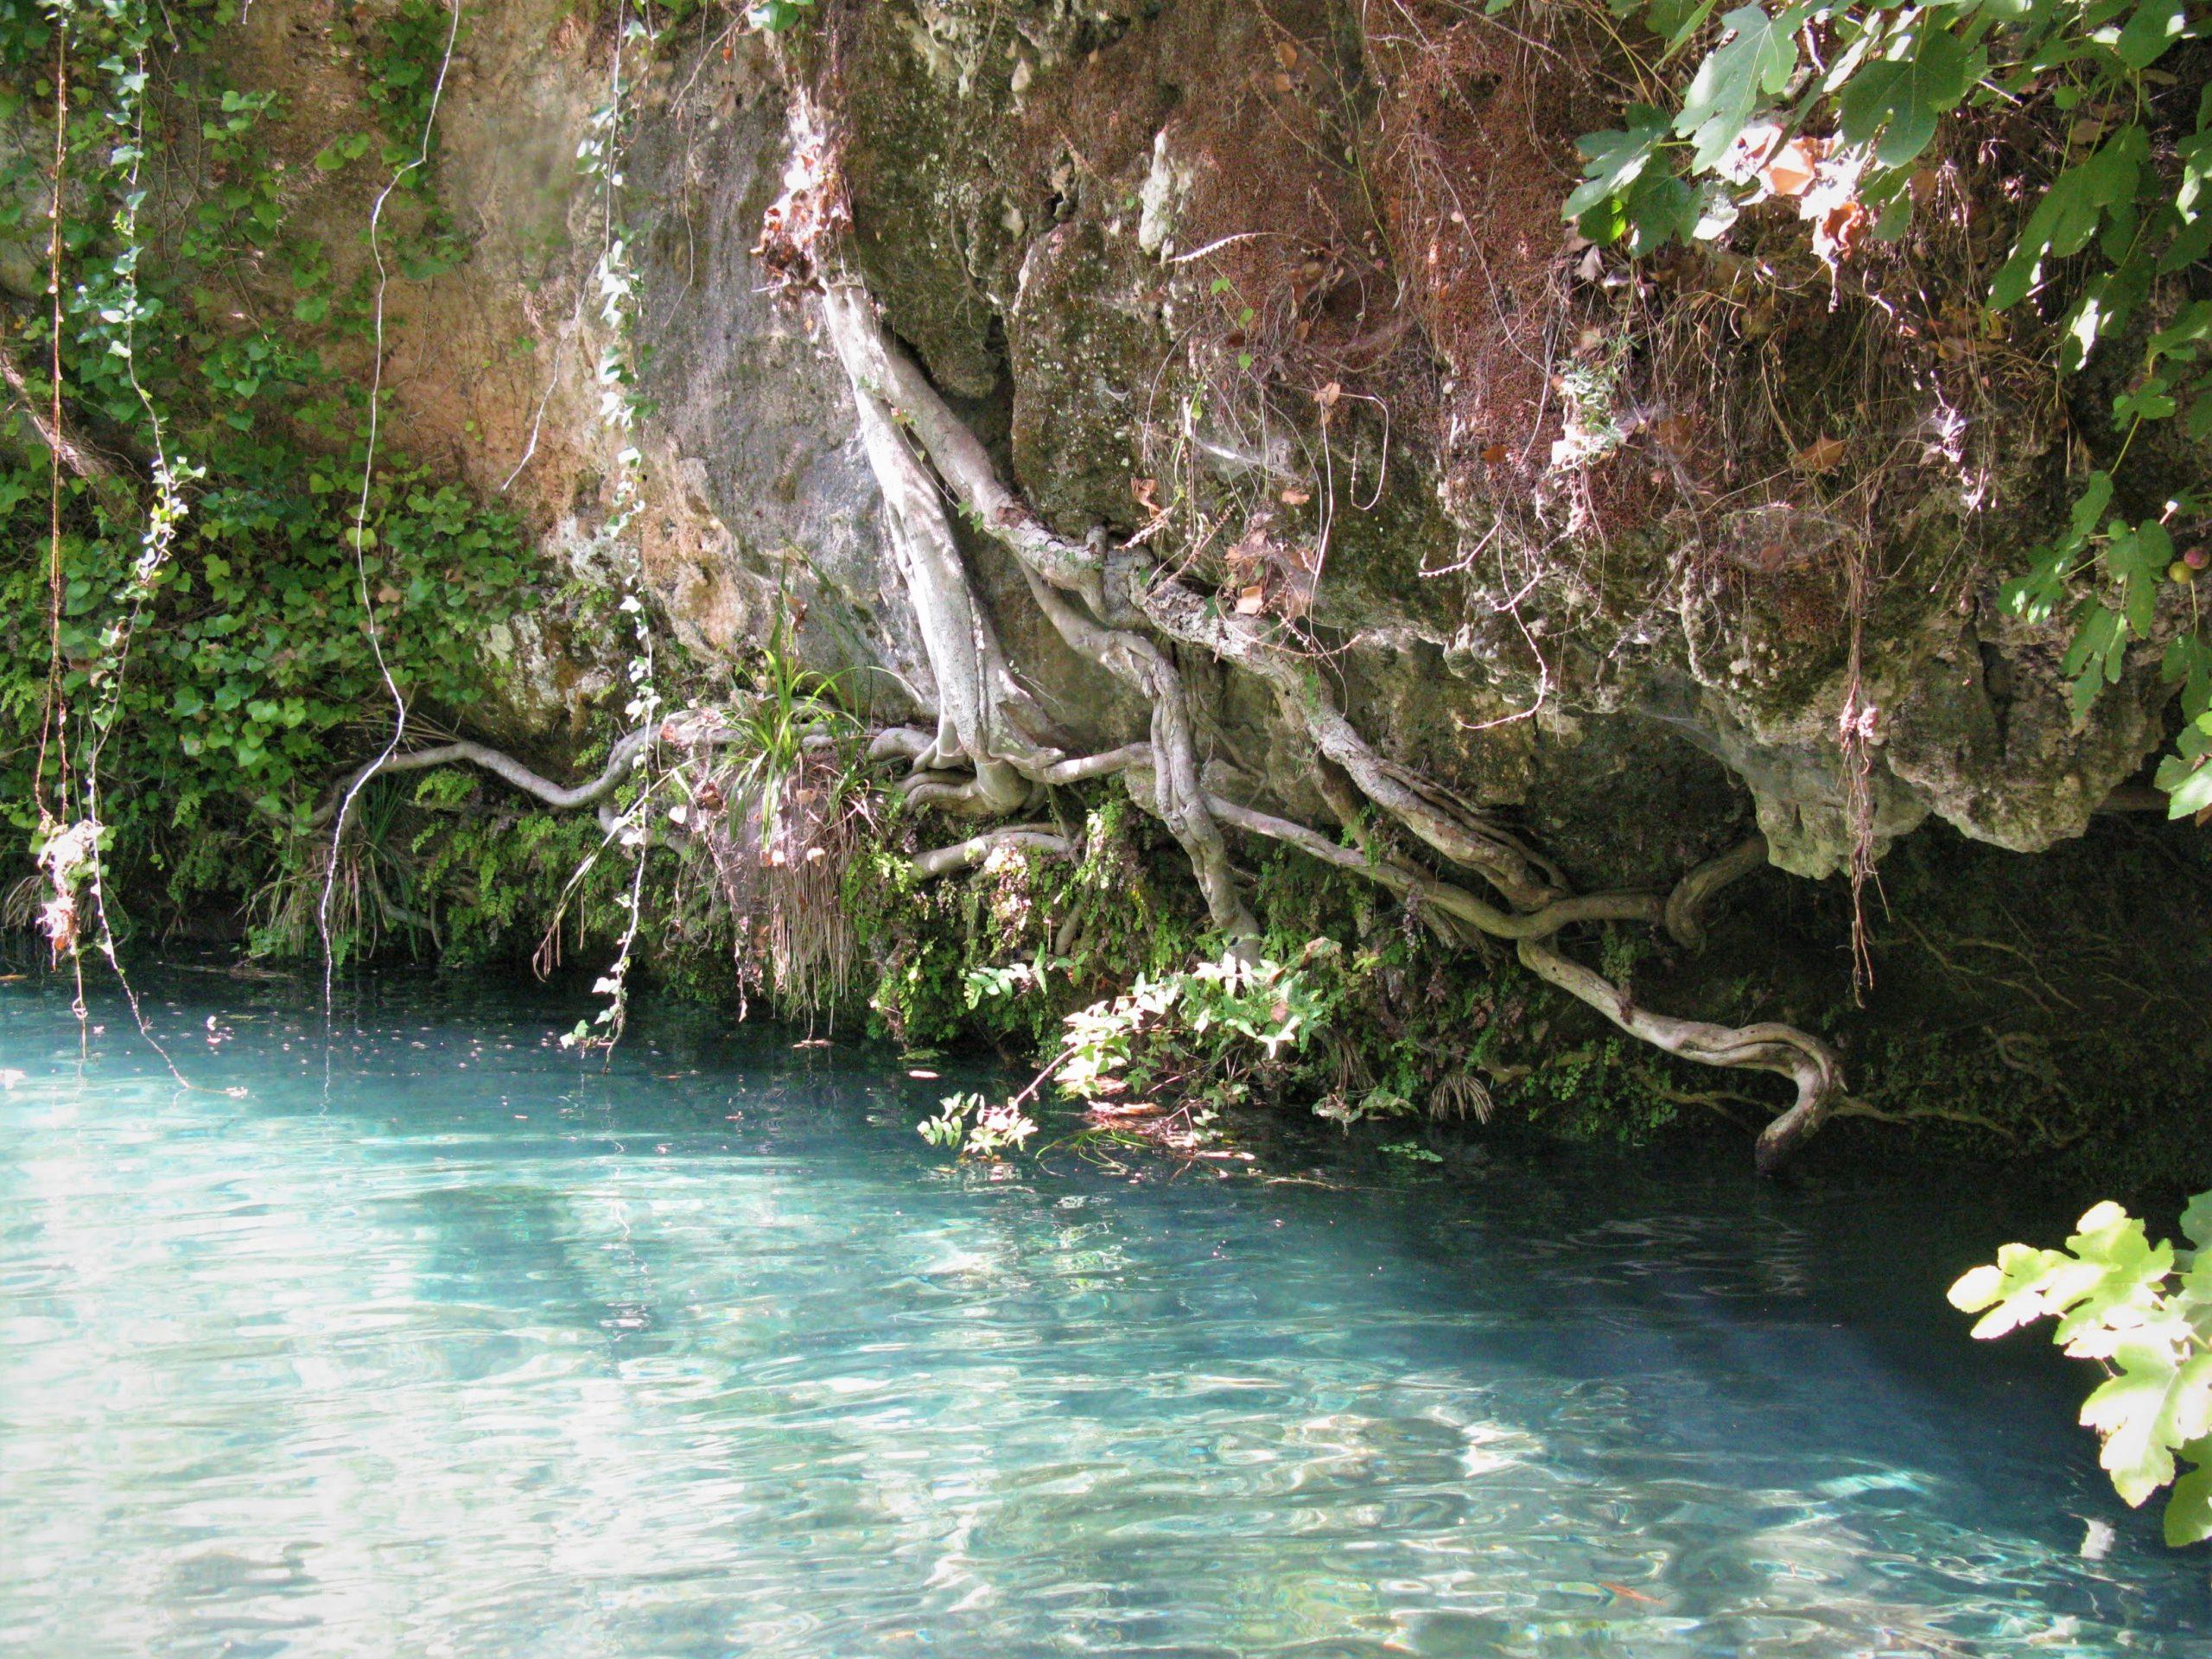 radici che si arrampicano su una parete rocciosa e finiscono dentro il torrente Calcinara